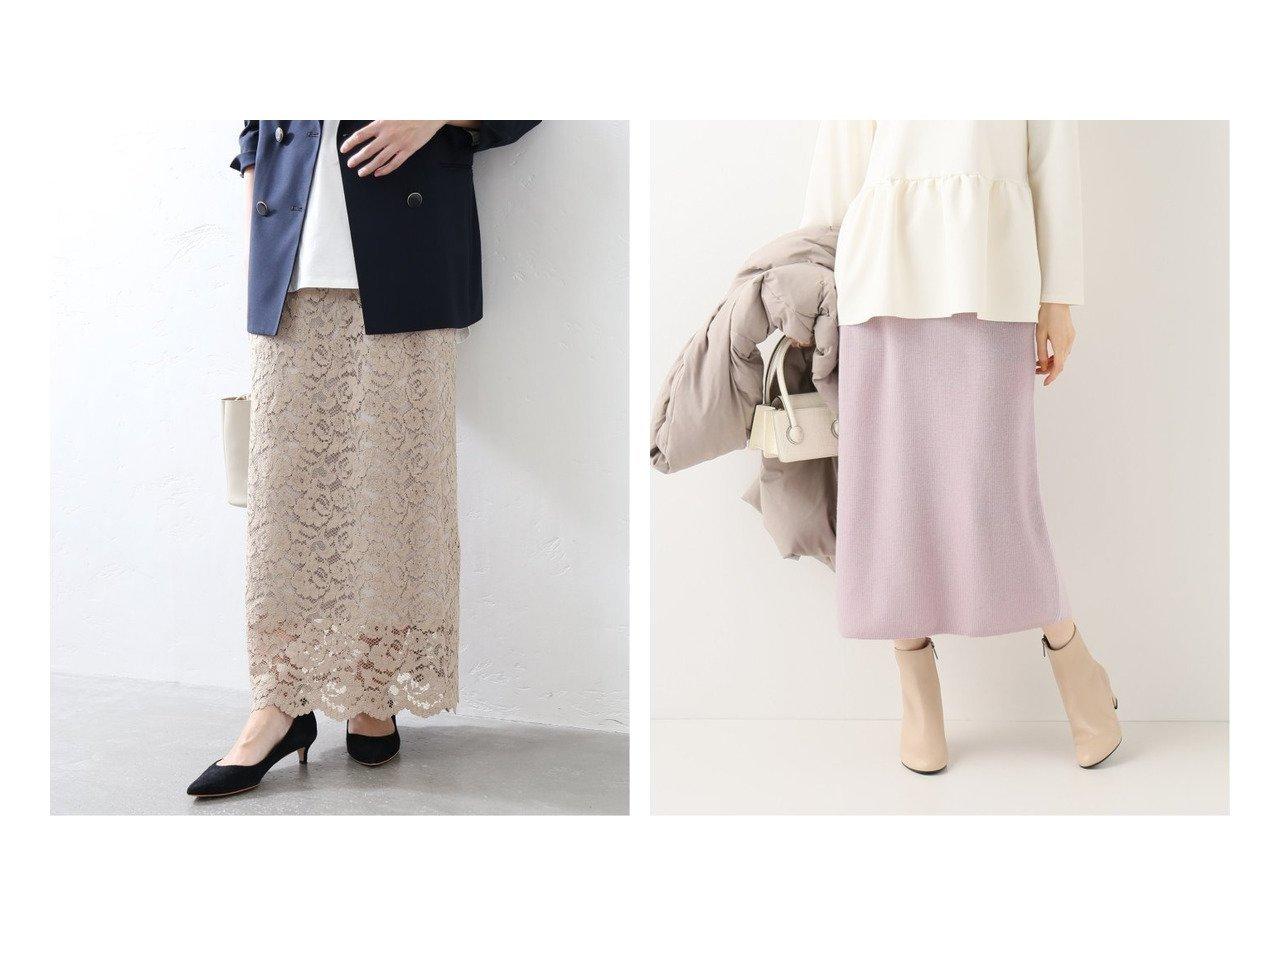 【La TOTALITE/ラ トータリテ】の12Gカタアゼスカート&レースロングタイトスカート La TOTALITEのおすすめ!人気、トレンド・レディースファッションの通販  おすすめで人気の流行・トレンド、ファッションの通販商品 メンズファッション・キッズファッション・インテリア・家具・レディースファッション・服の通販 founy(ファニー) https://founy.com/ ファッション Fashion レディースファッション WOMEN スカート Skirt 2021年 2021 2021 春夏 S/S SS Spring/Summer 2021 S/S 春夏 SS Spring/Summer アンサンブル ジャケット トレンド ビッグ レース ロング 定番 Standard 2020年 2020 2020-2021 秋冬 A/W AW Autumn/Winter / FW Fall-Winter 2020-2021 A/W 秋冬 AW Autumn/Winter / FW Fall-Winter カットソー スリット セットアップ パーカー リラックス |ID:crp329100000017360